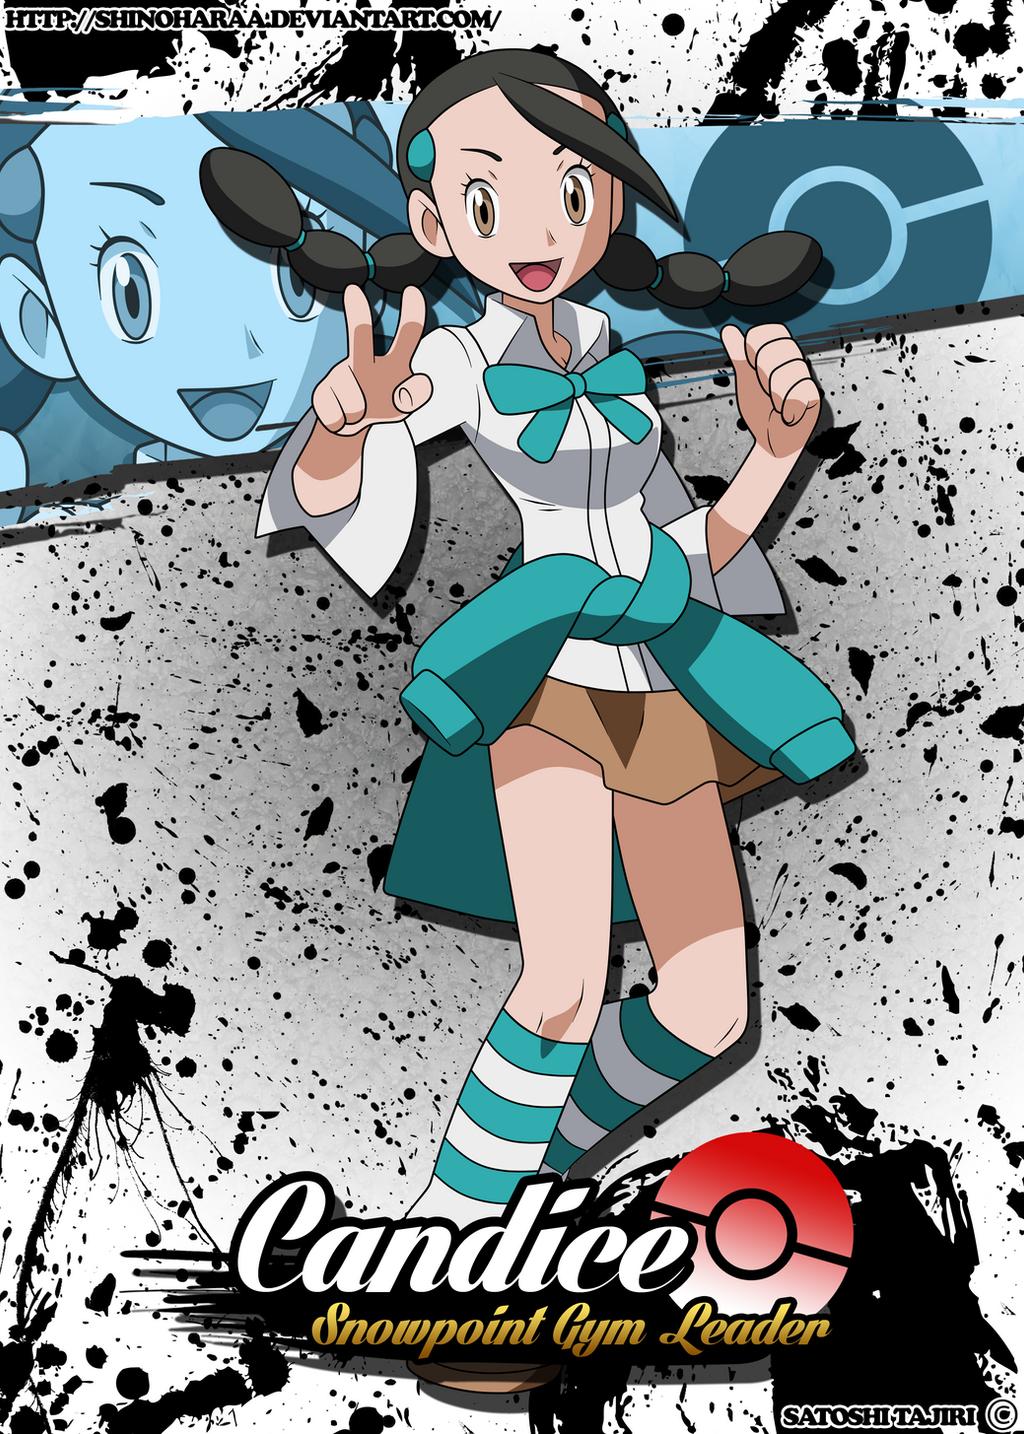 Pokemon Candice